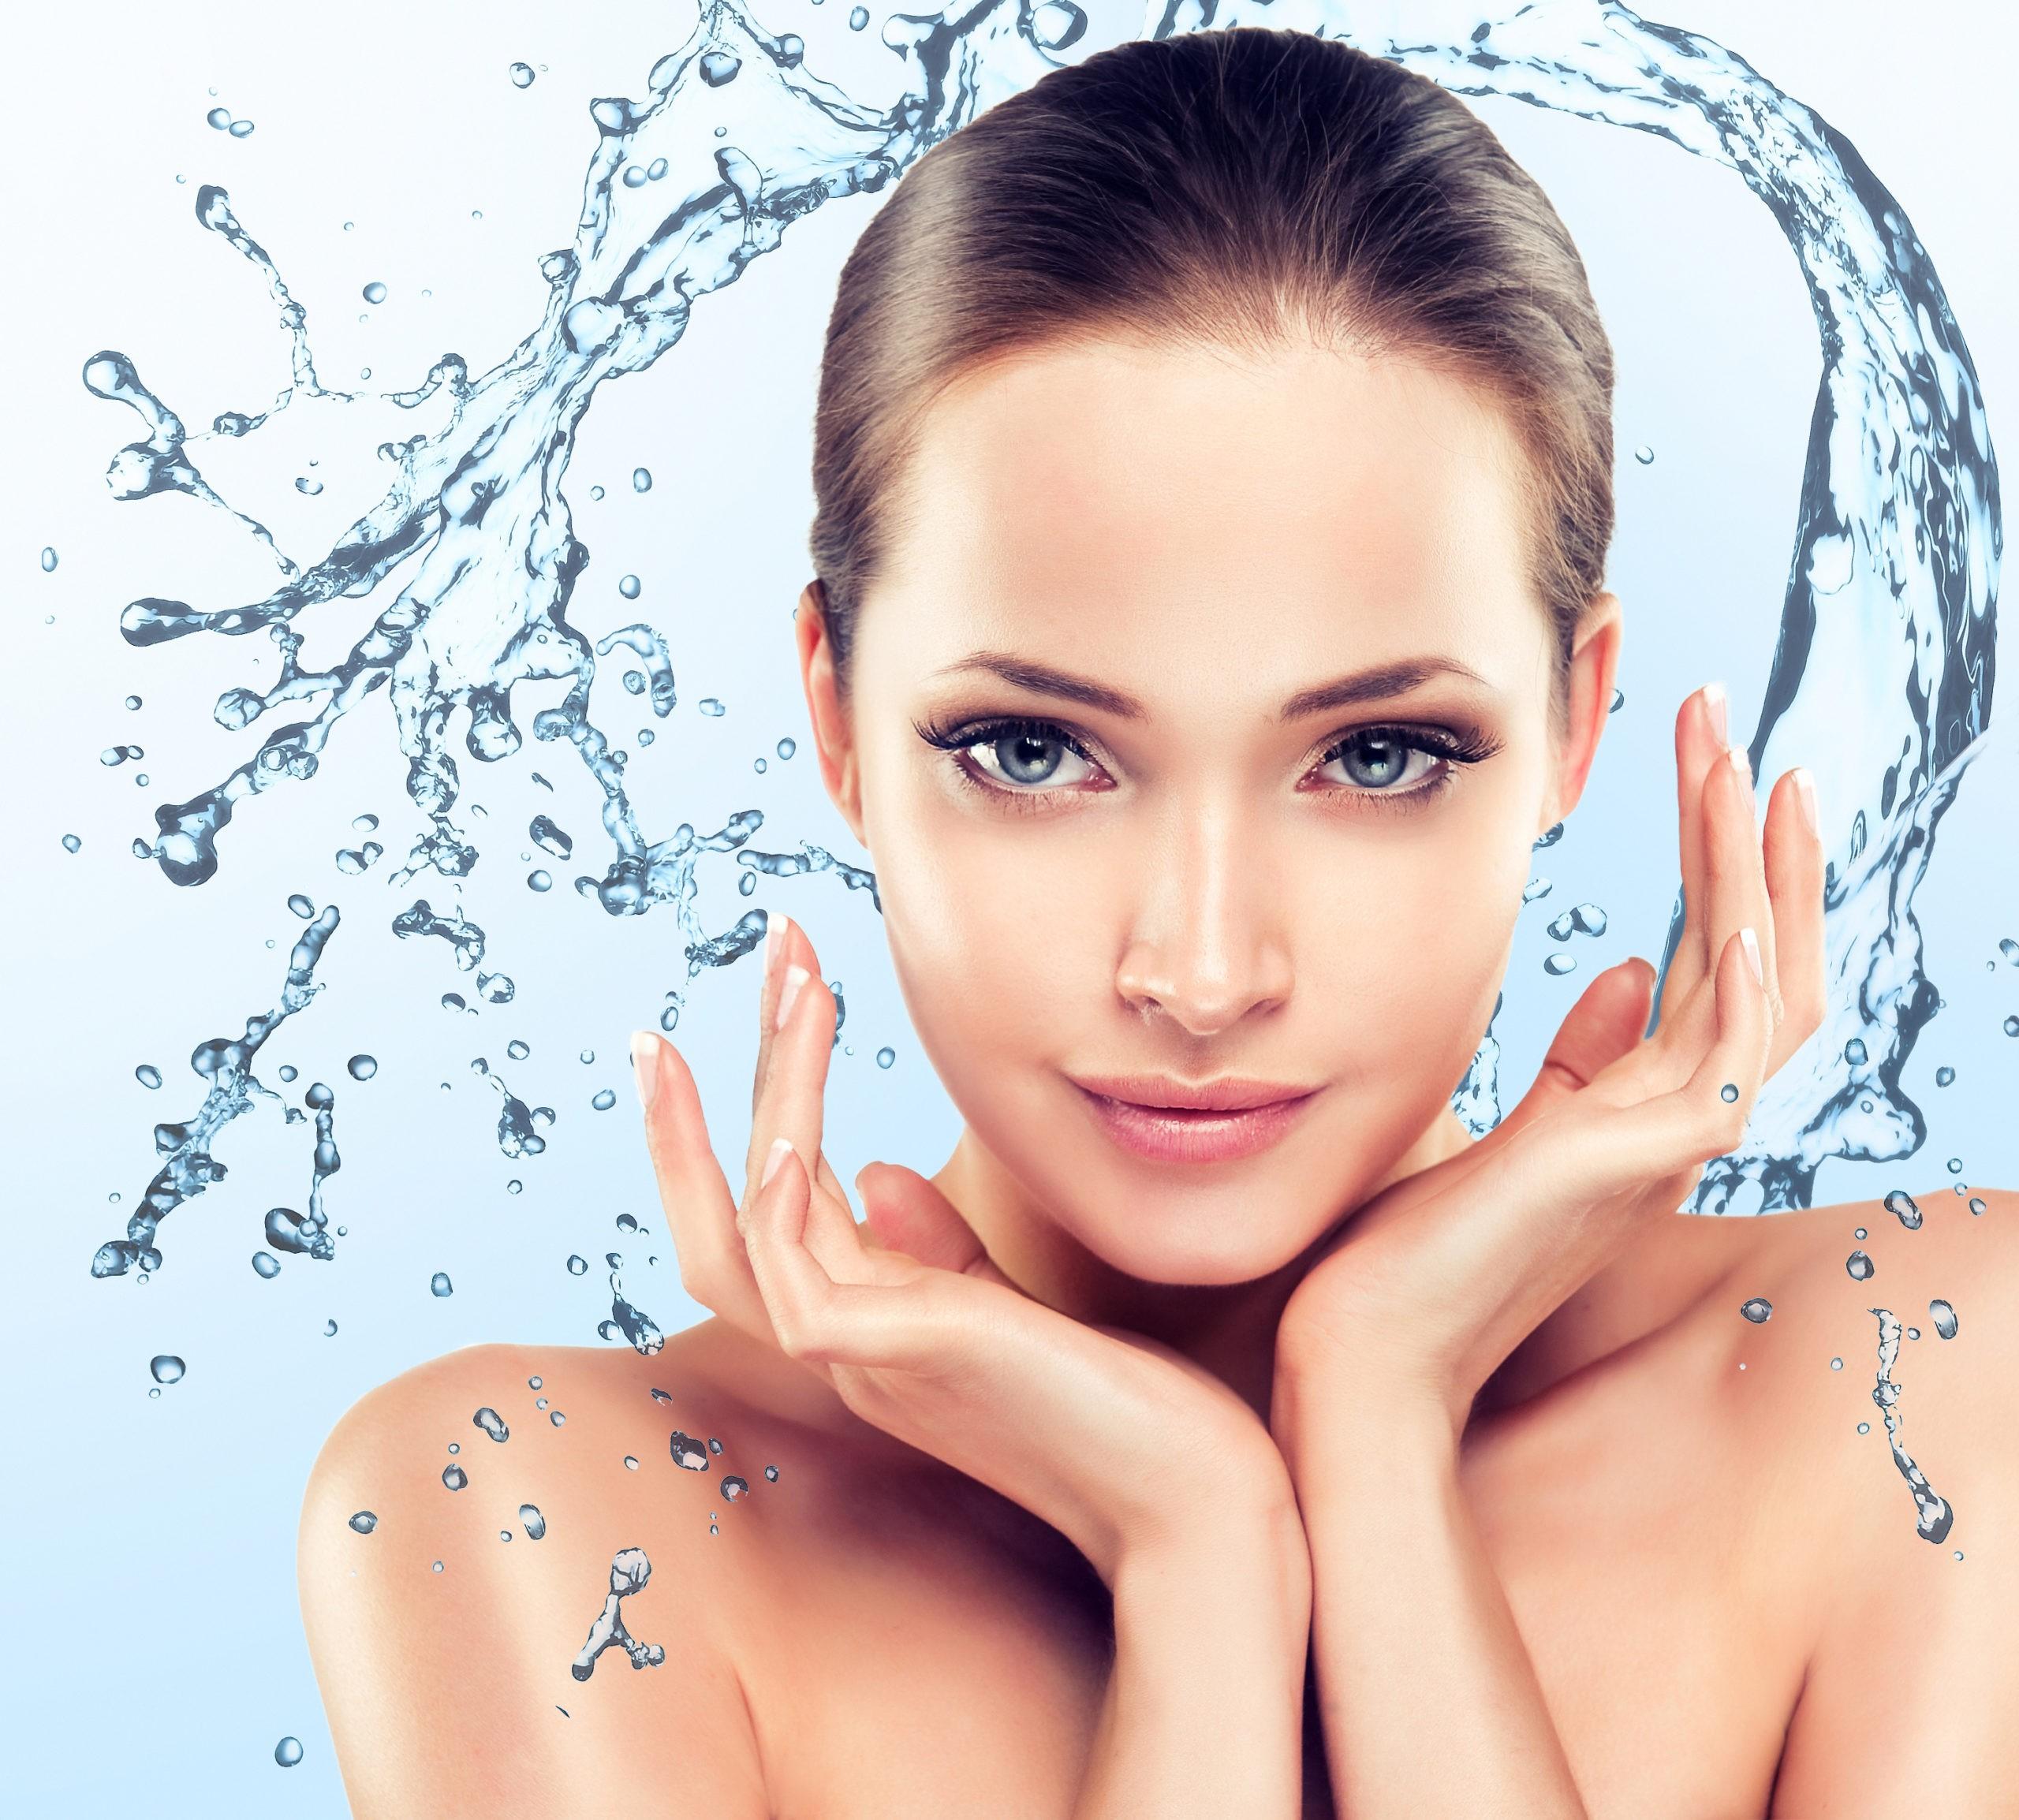 Как избавиться от жирной кожи на лице